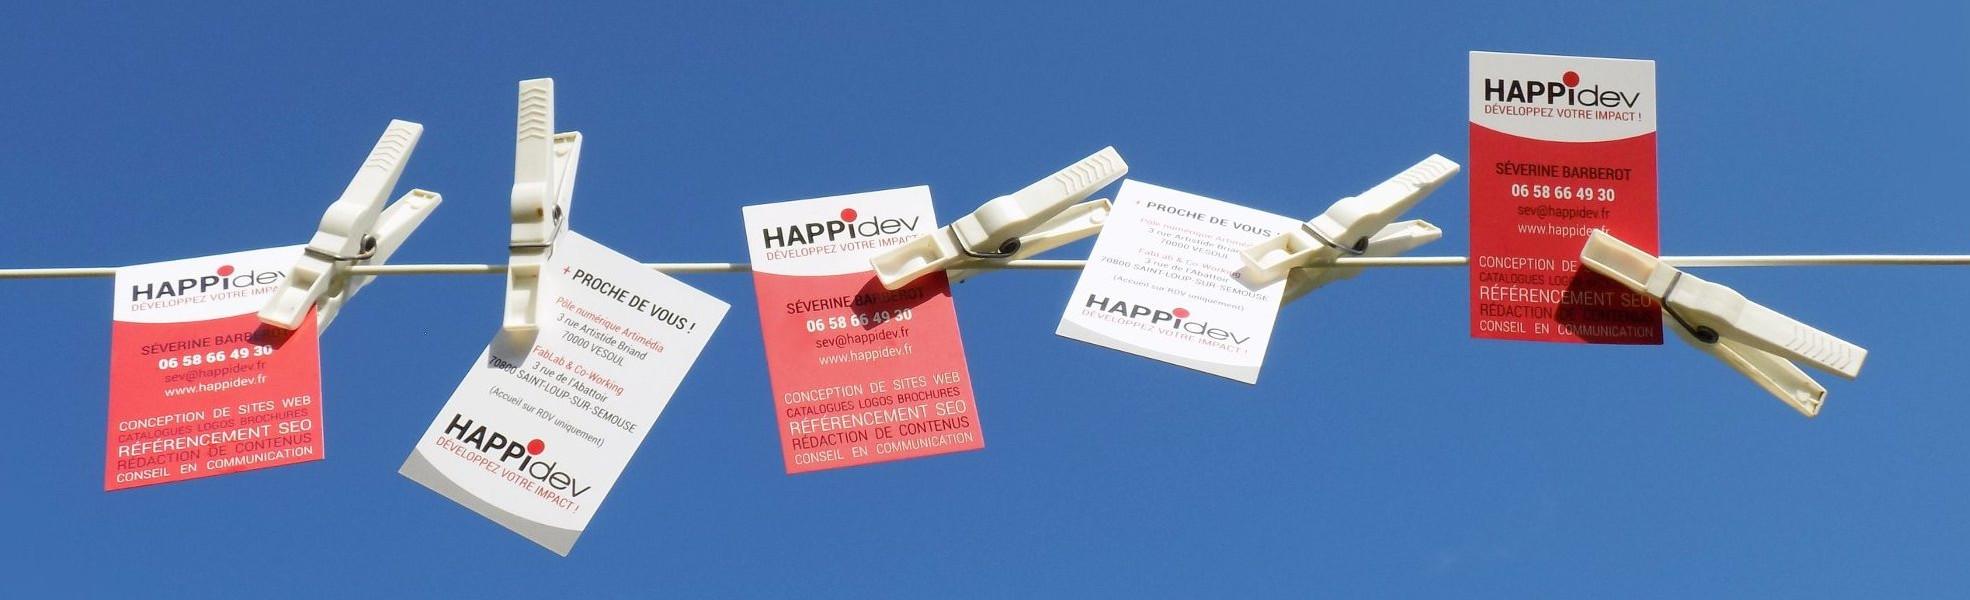 Avec Happidev, communiquez efficacement avec un budget mini !